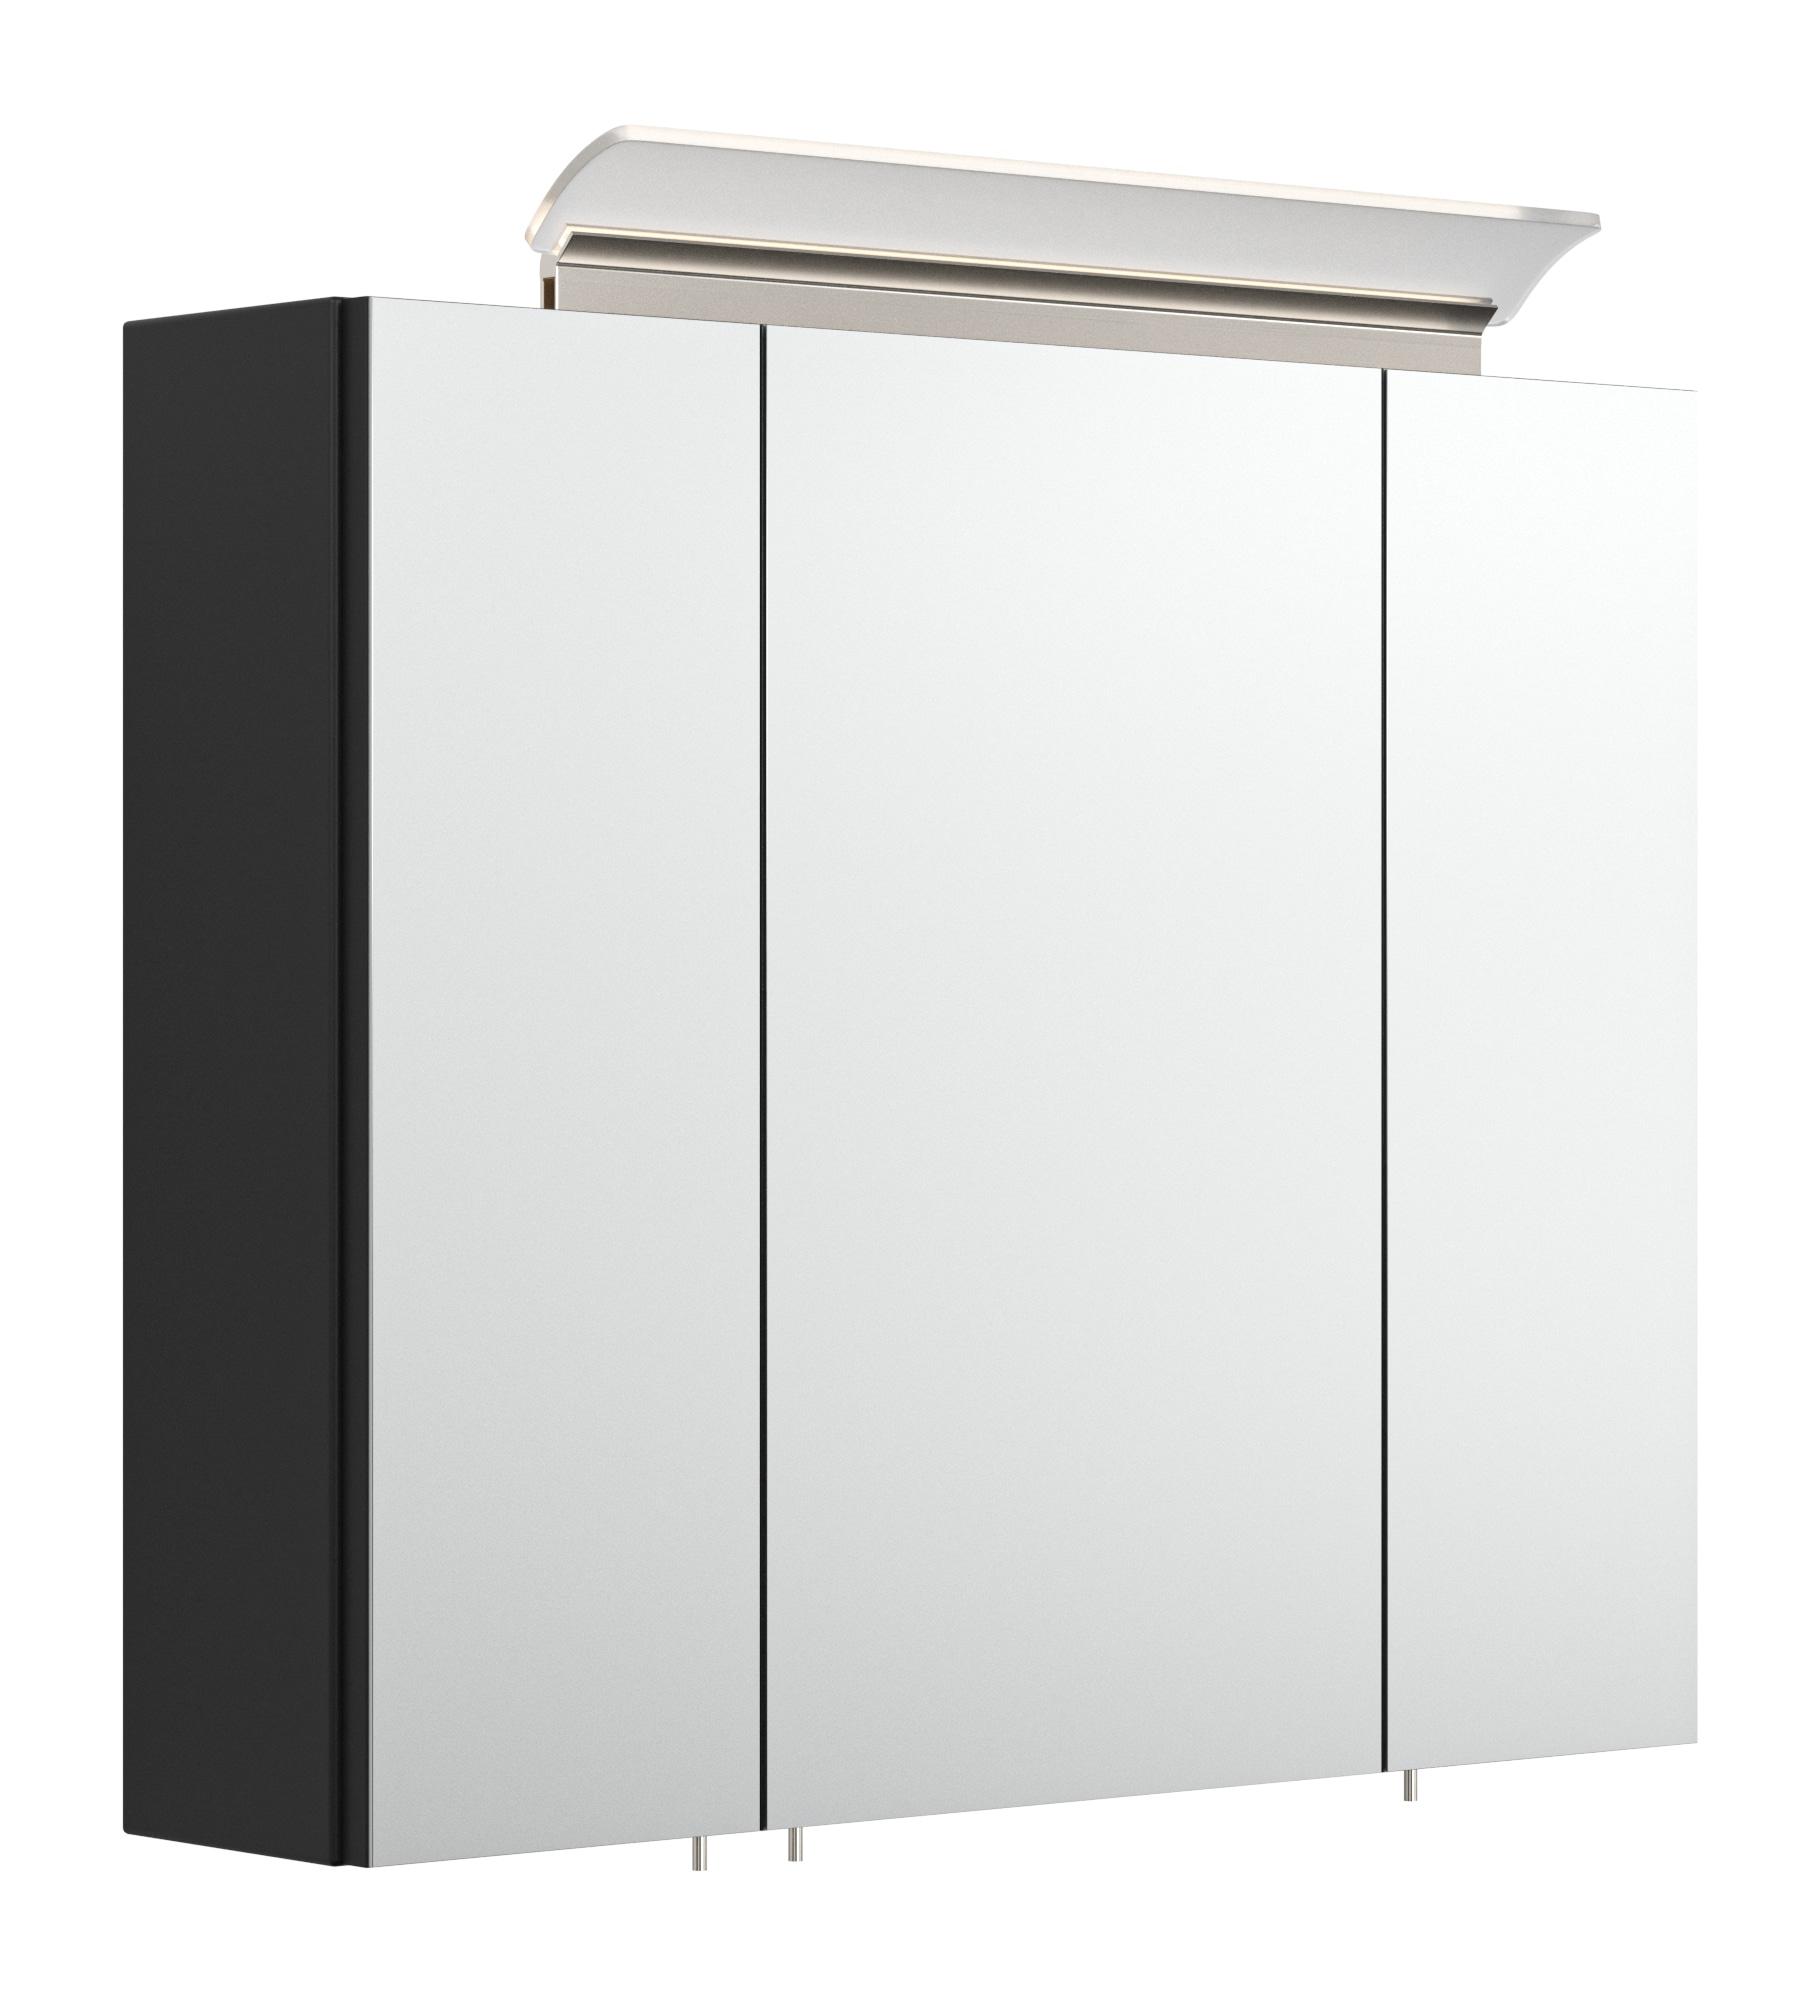 Saniclear Rocky 75cm spiegelkast met design LED verlichting glans zwart